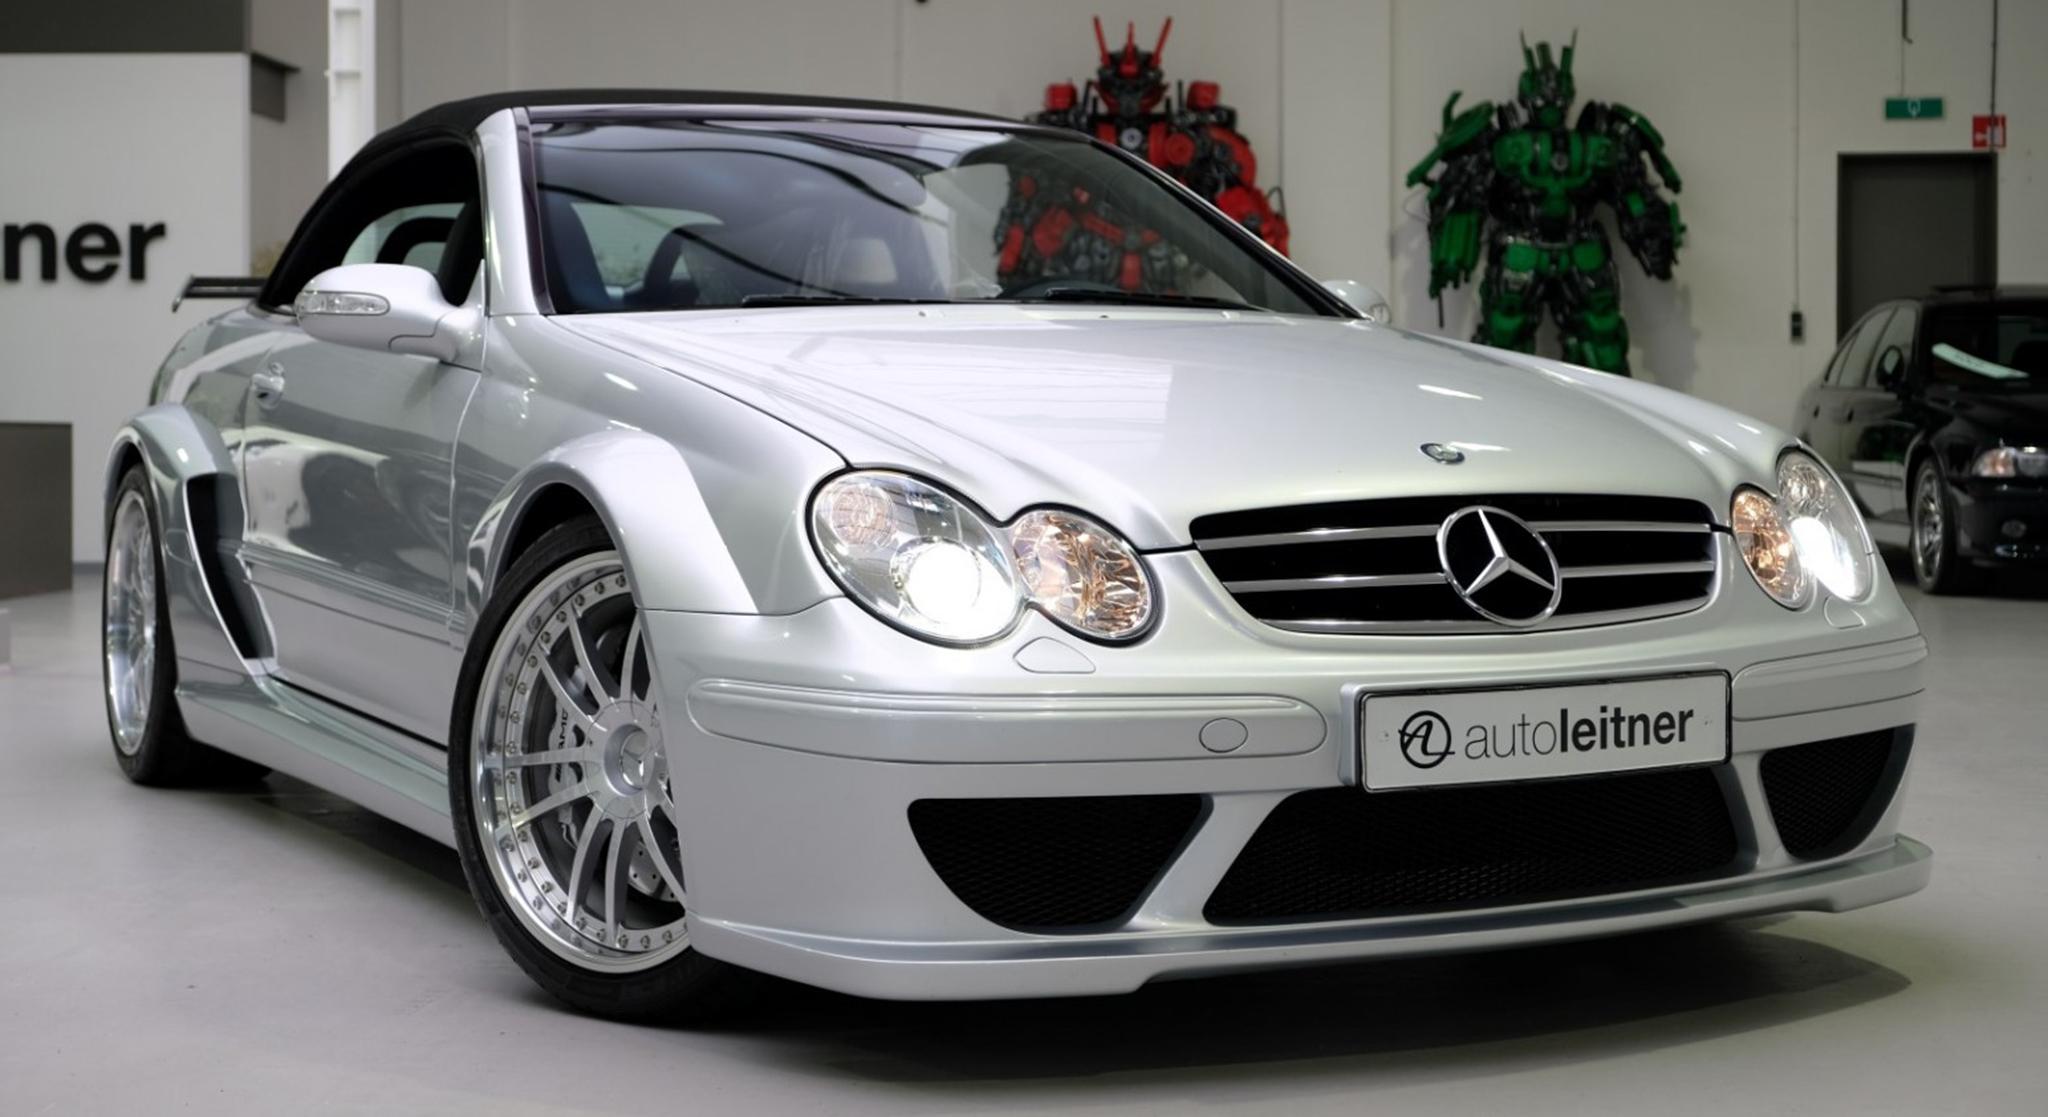 mercedes-clk-dtm-amg-cabrio-used-8.jpg